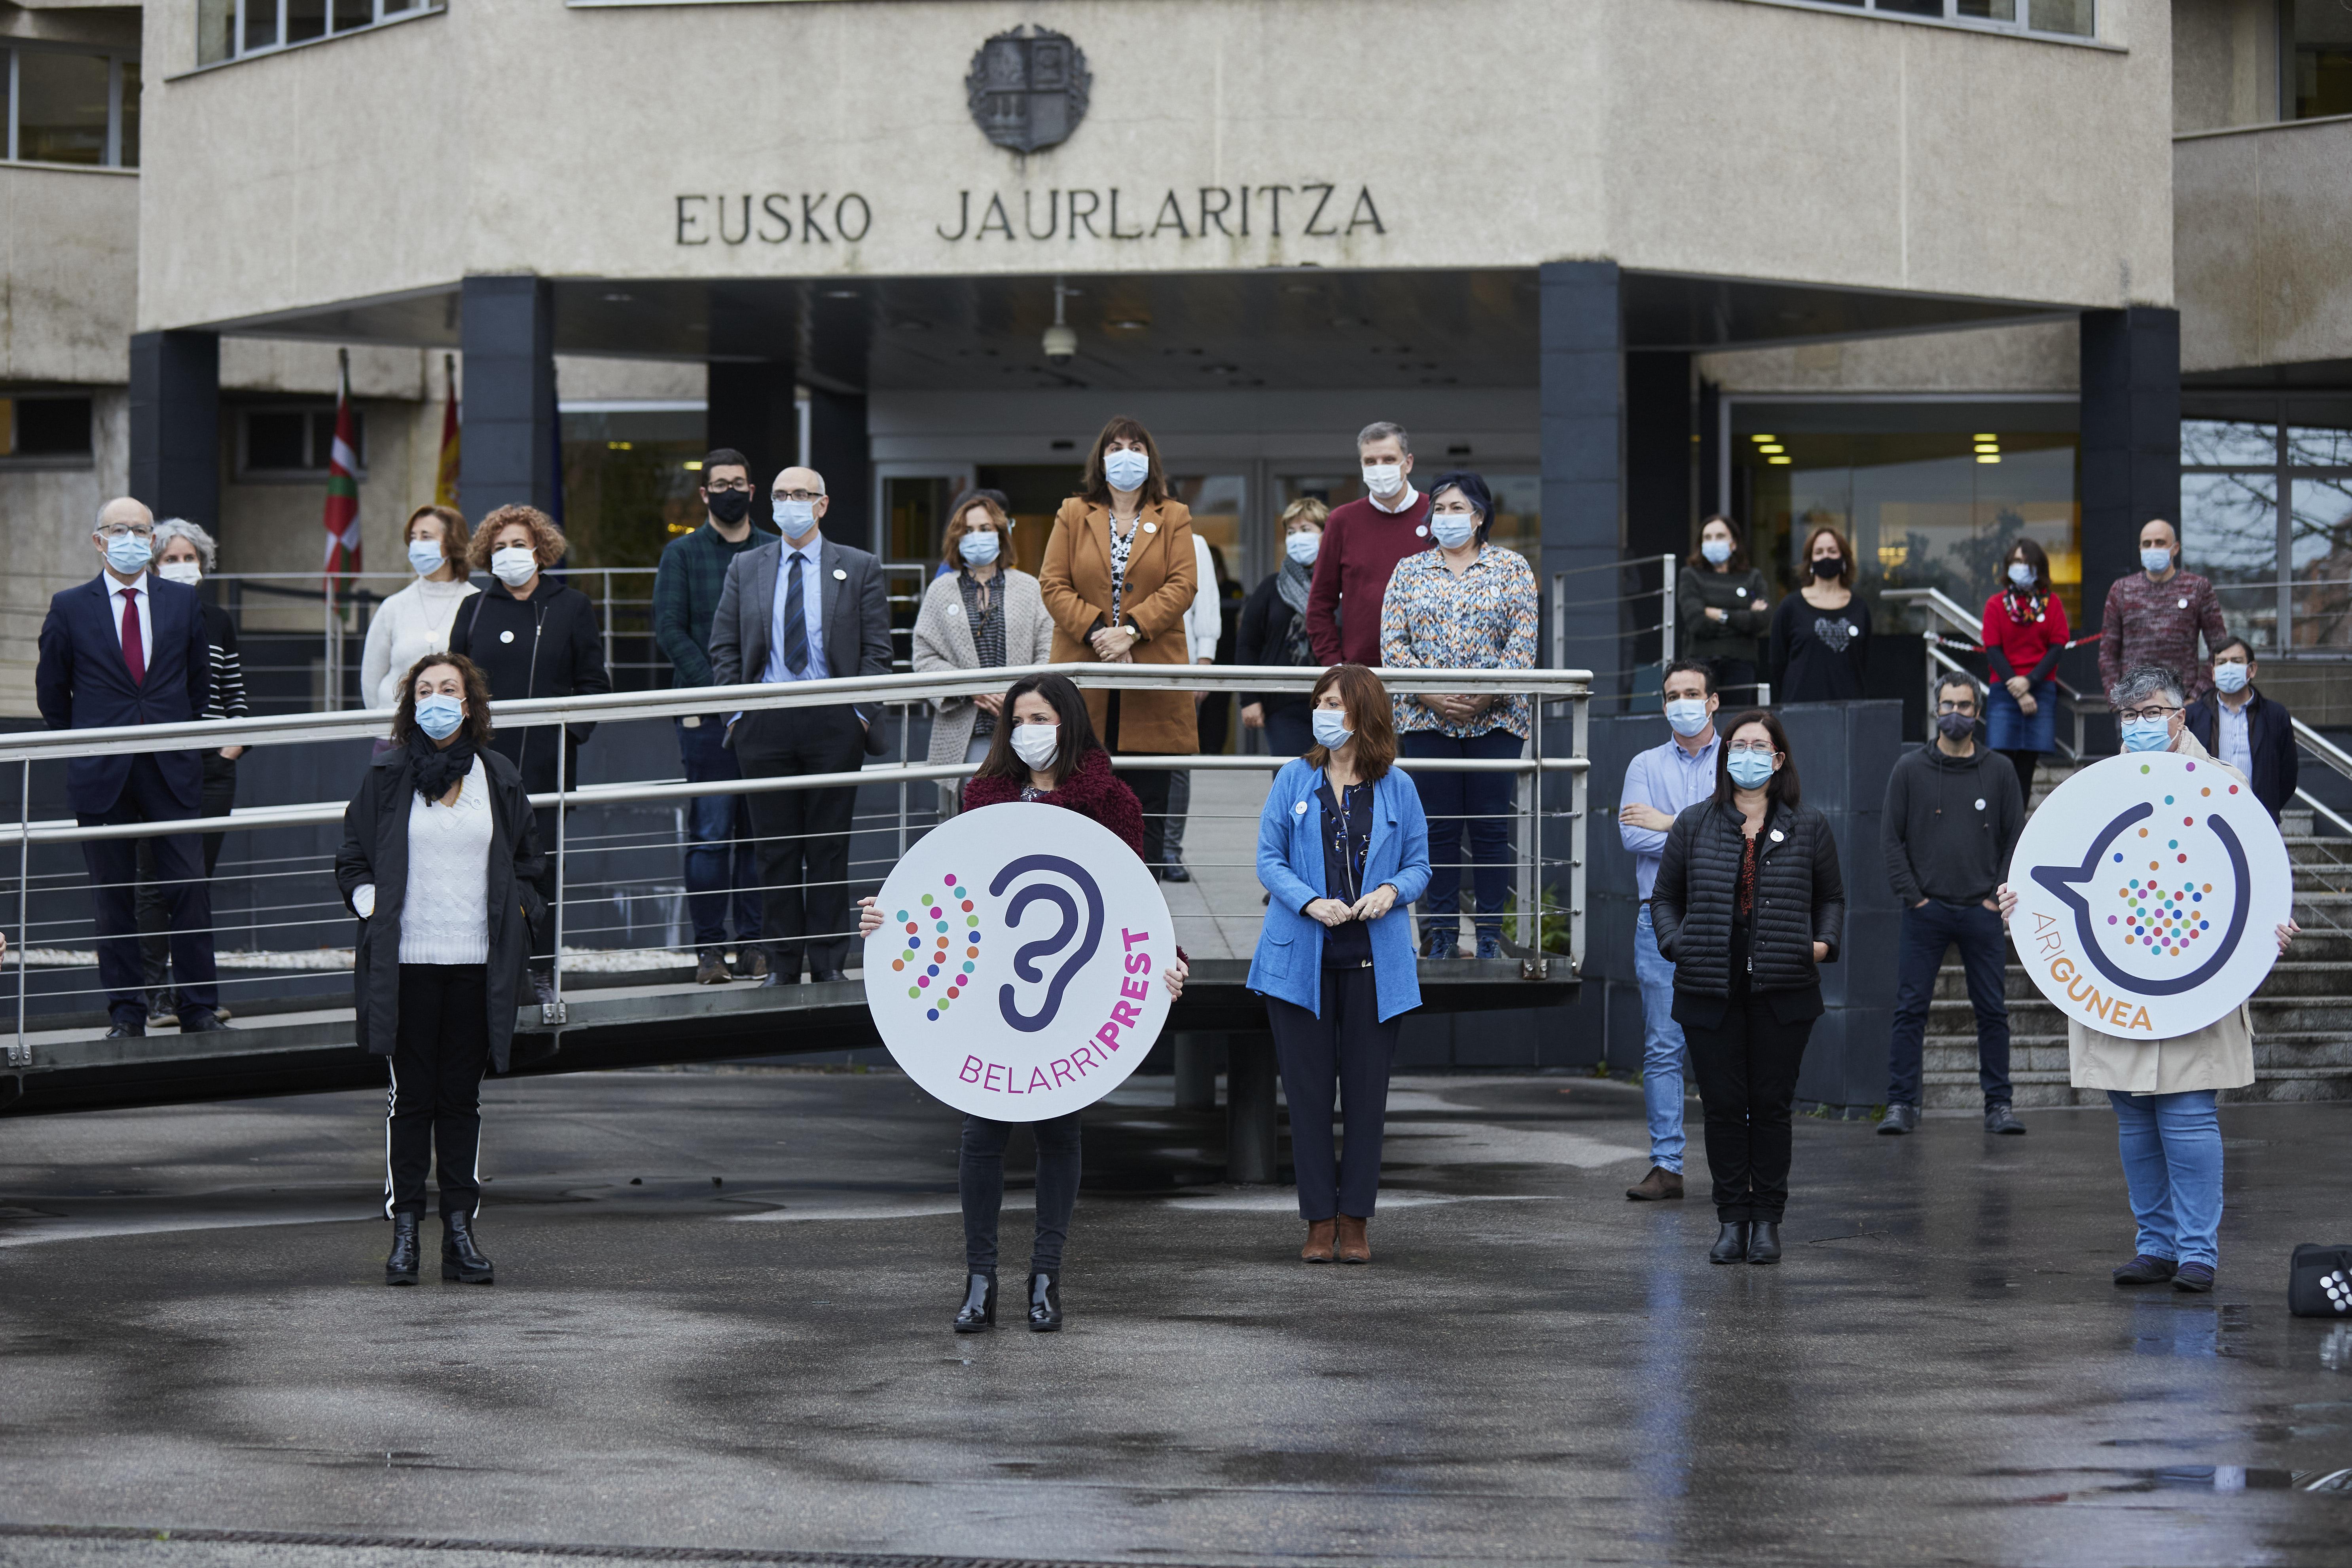 2020.11.16_Euskaraldia_015.jpg